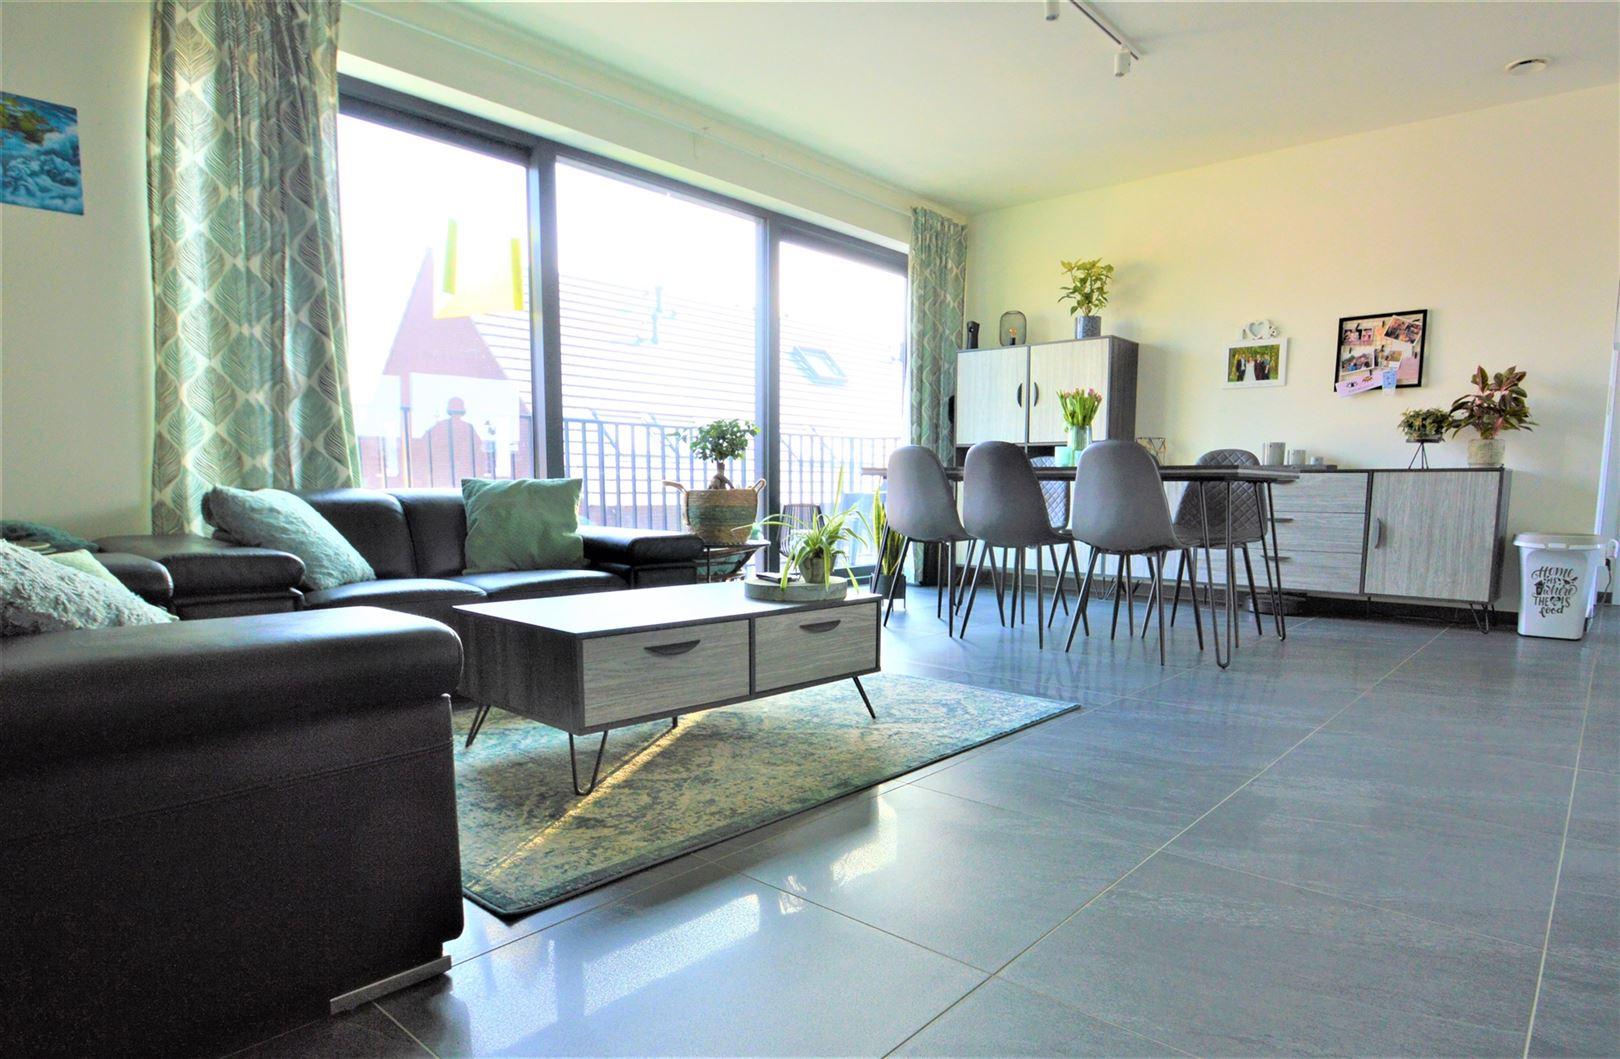 Foto 2 : Appartement te 9255 Buggenhout (België) - Prijs € 660